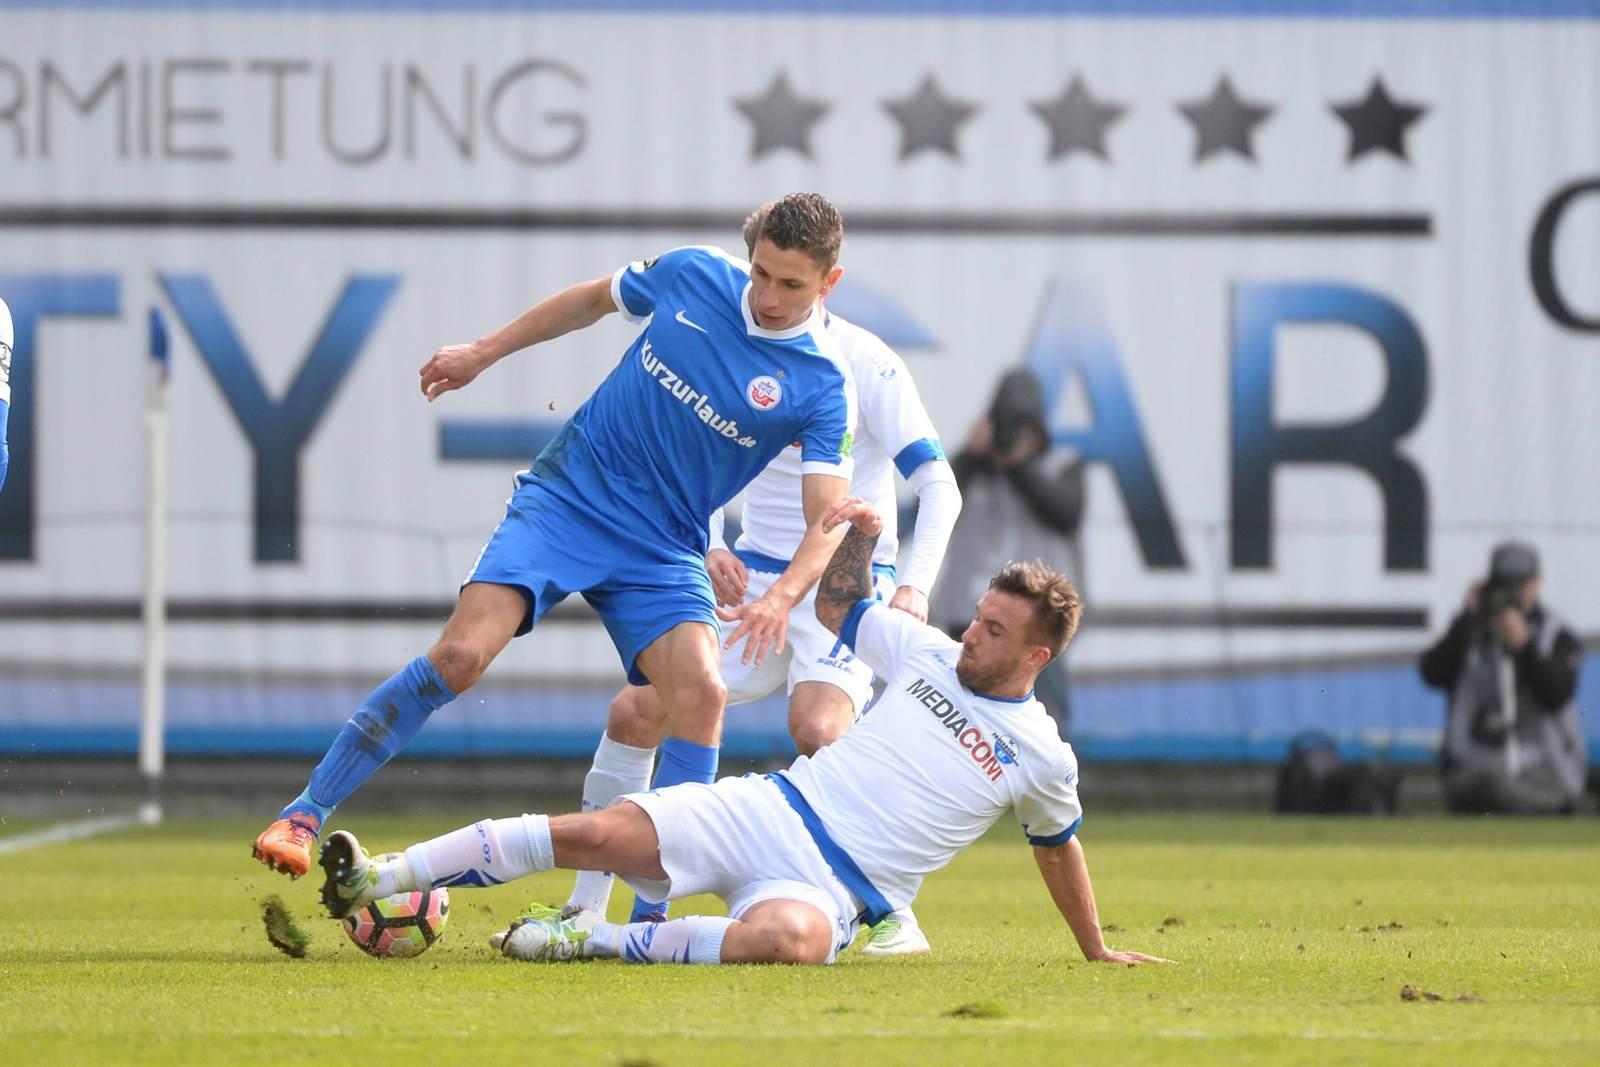 Soufian Benyamina gegen Robin Krauße. Wer gewinnt das Duell zwischen Paderborn und Rostock?